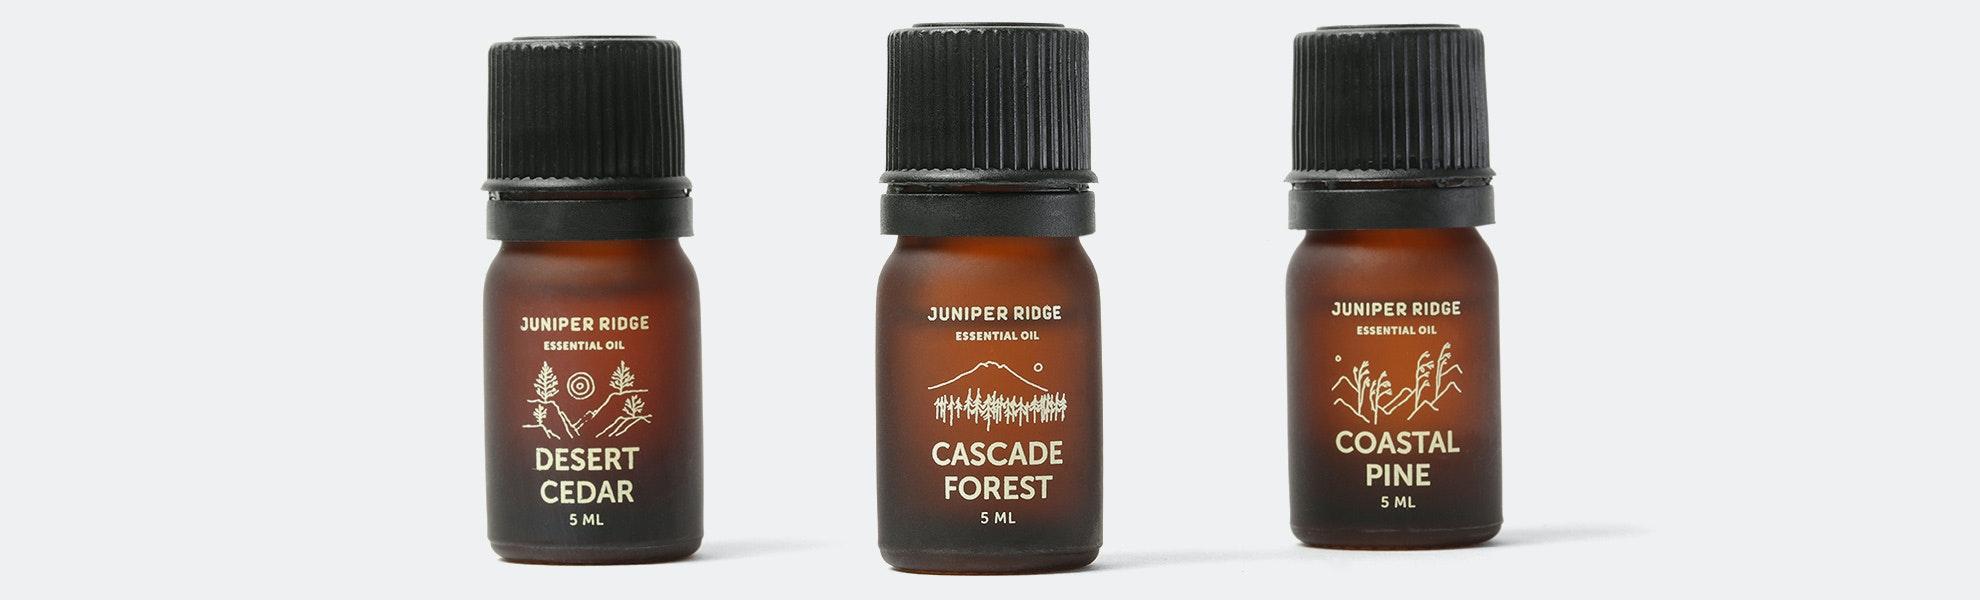 Juniper Ridge Essential Oils (3-Pack)